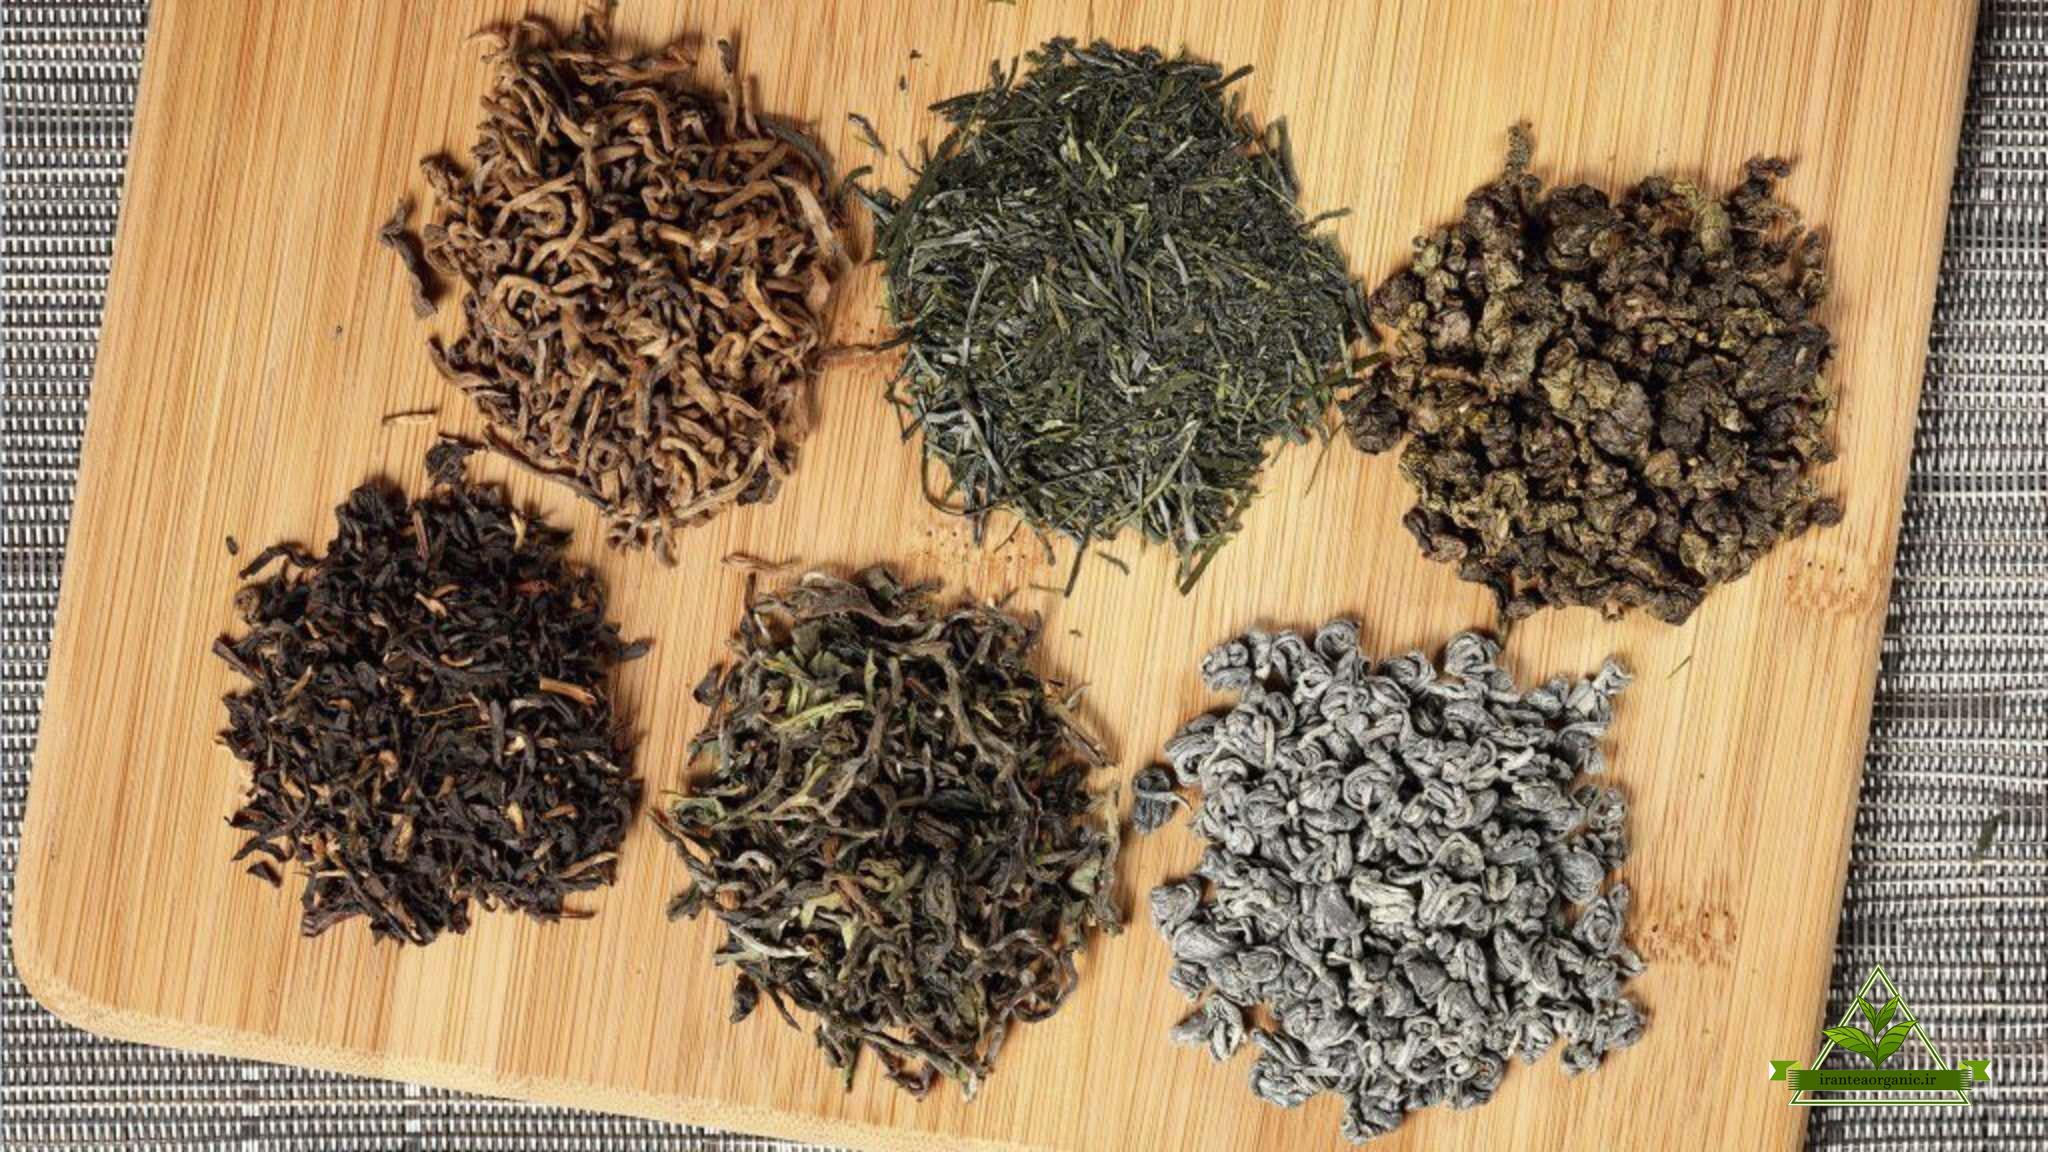 فروش اینترنتی چای شمال عمده و جزیی